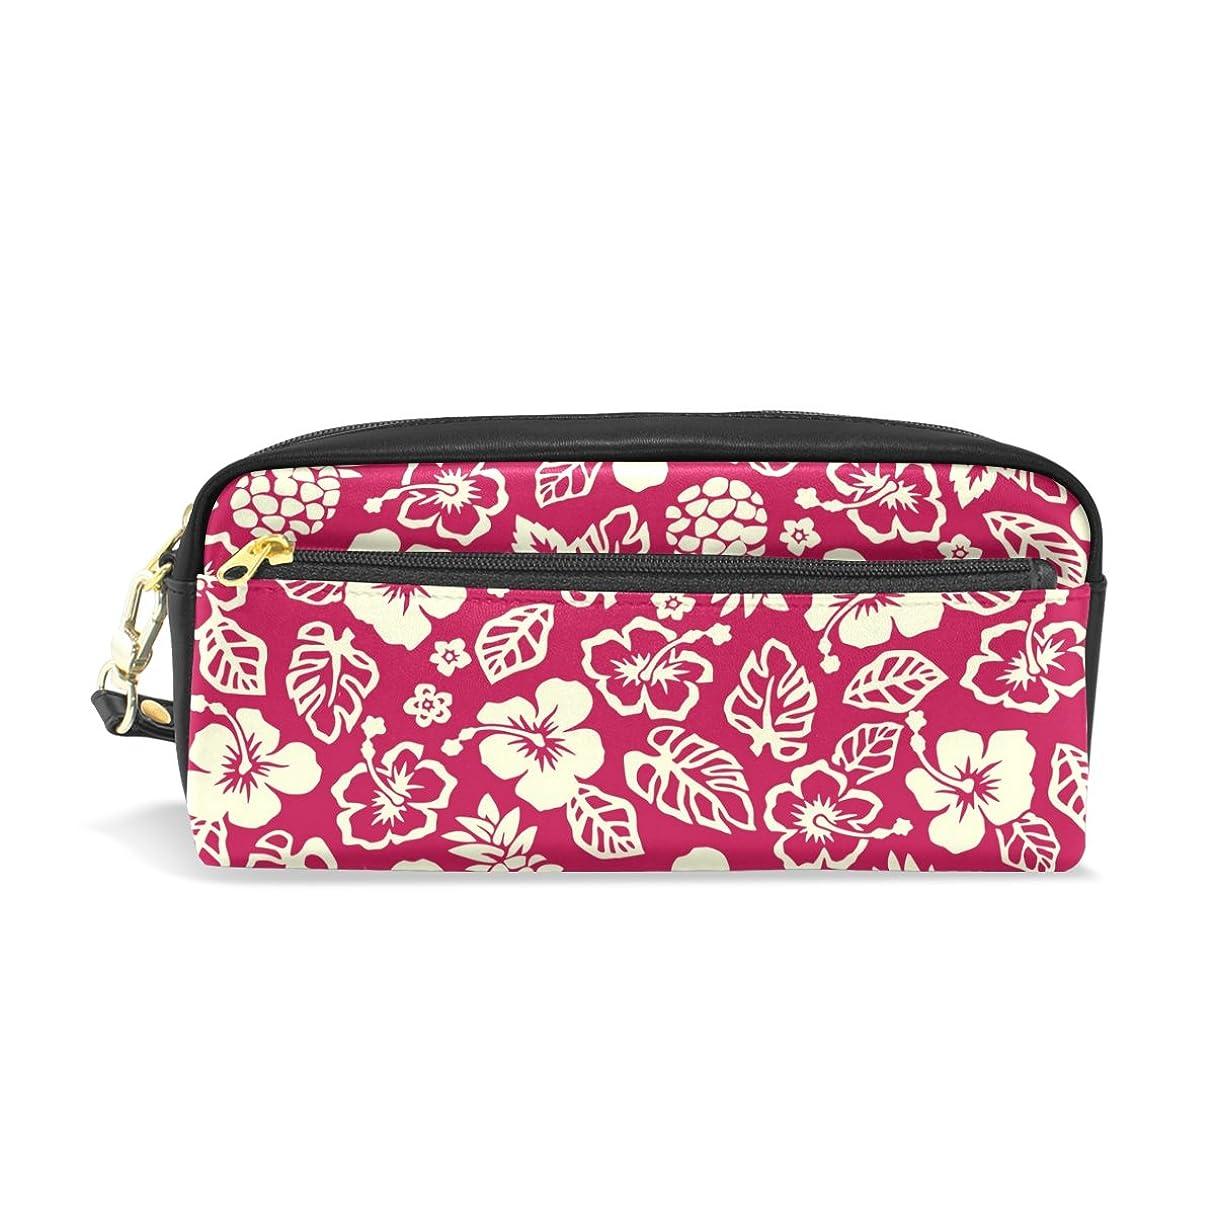 スコア楽しい旅客ALAZA ハイビスカス パイナップル 鉛筆 ケース ジッパー Pu 革製 ペン バッグ 化粧品 化粧 バッグ ペン 文房具 ポーチ バッグ 大容量